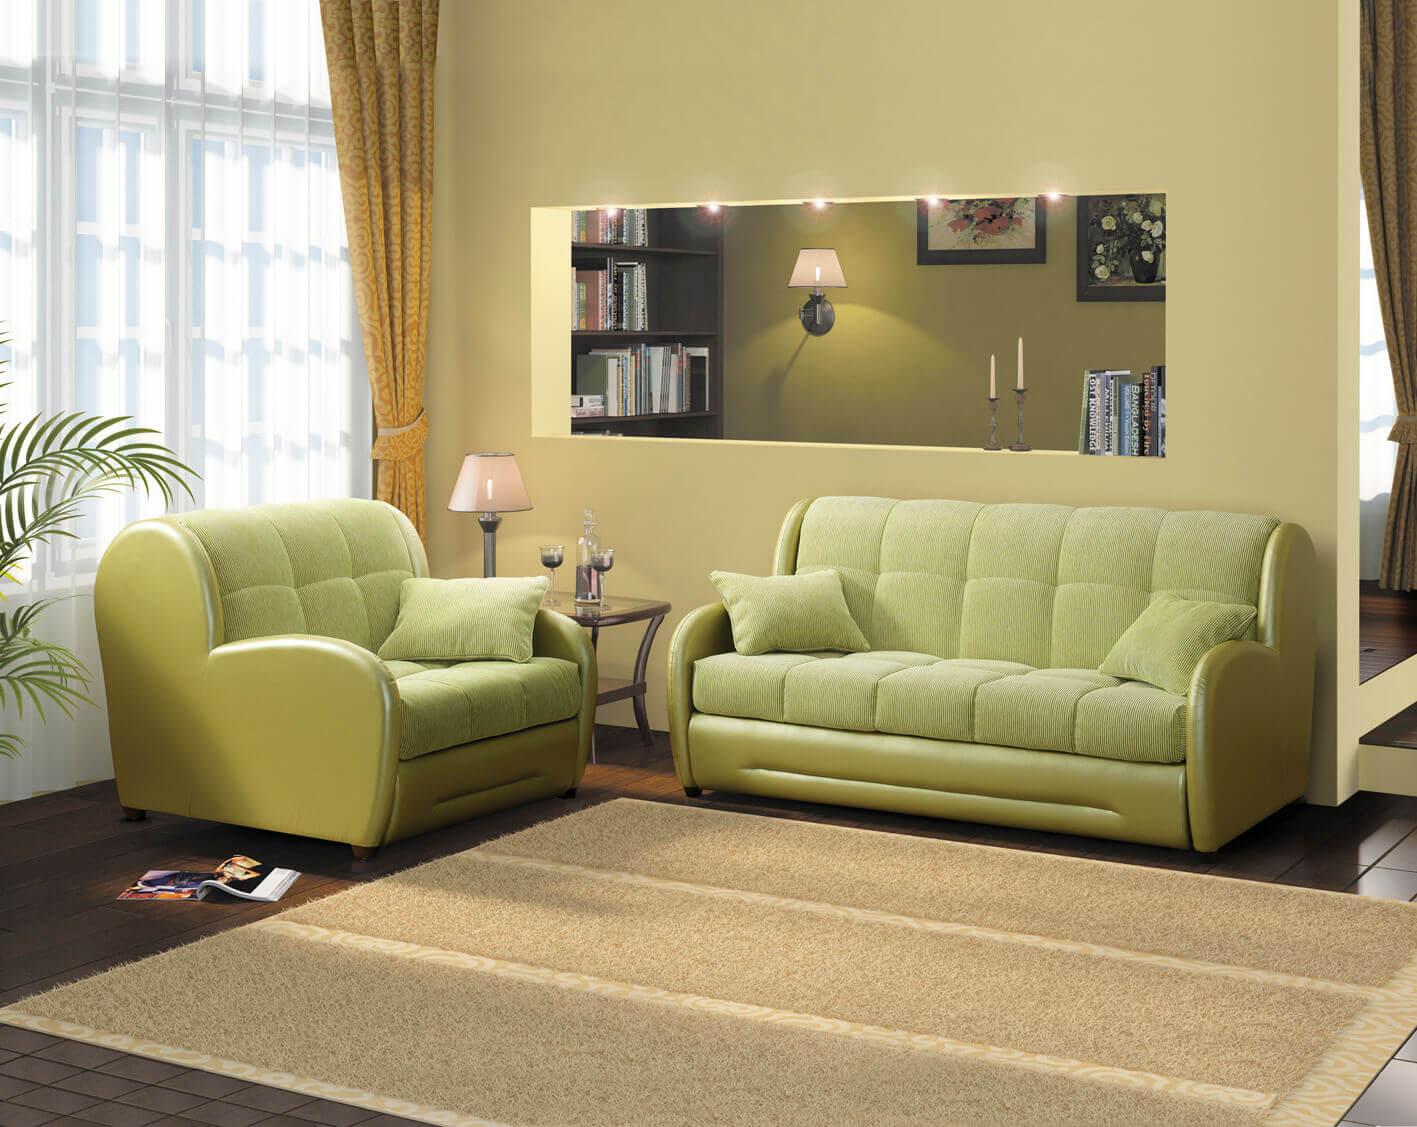 Выкатной диван в интерьере